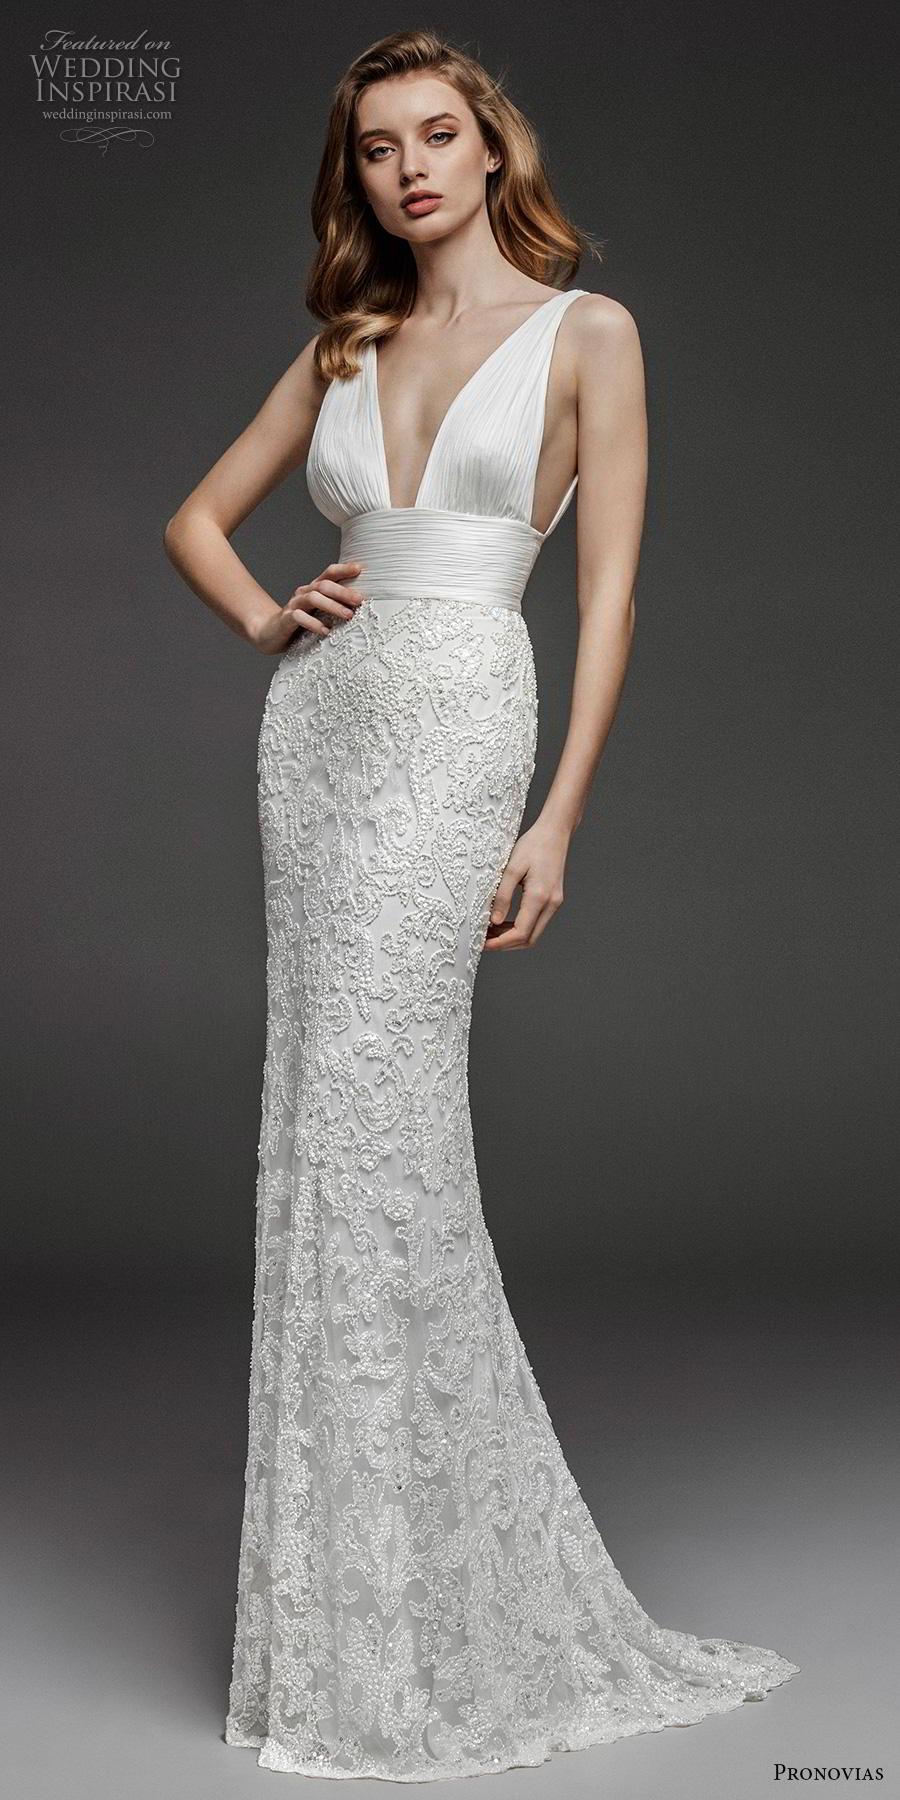 atelier pronovias 2019 bridal sleeveless deep v neck ruched bodice embellished skirt romantic sexy sheath wedding dress backless sweep train (11) mv